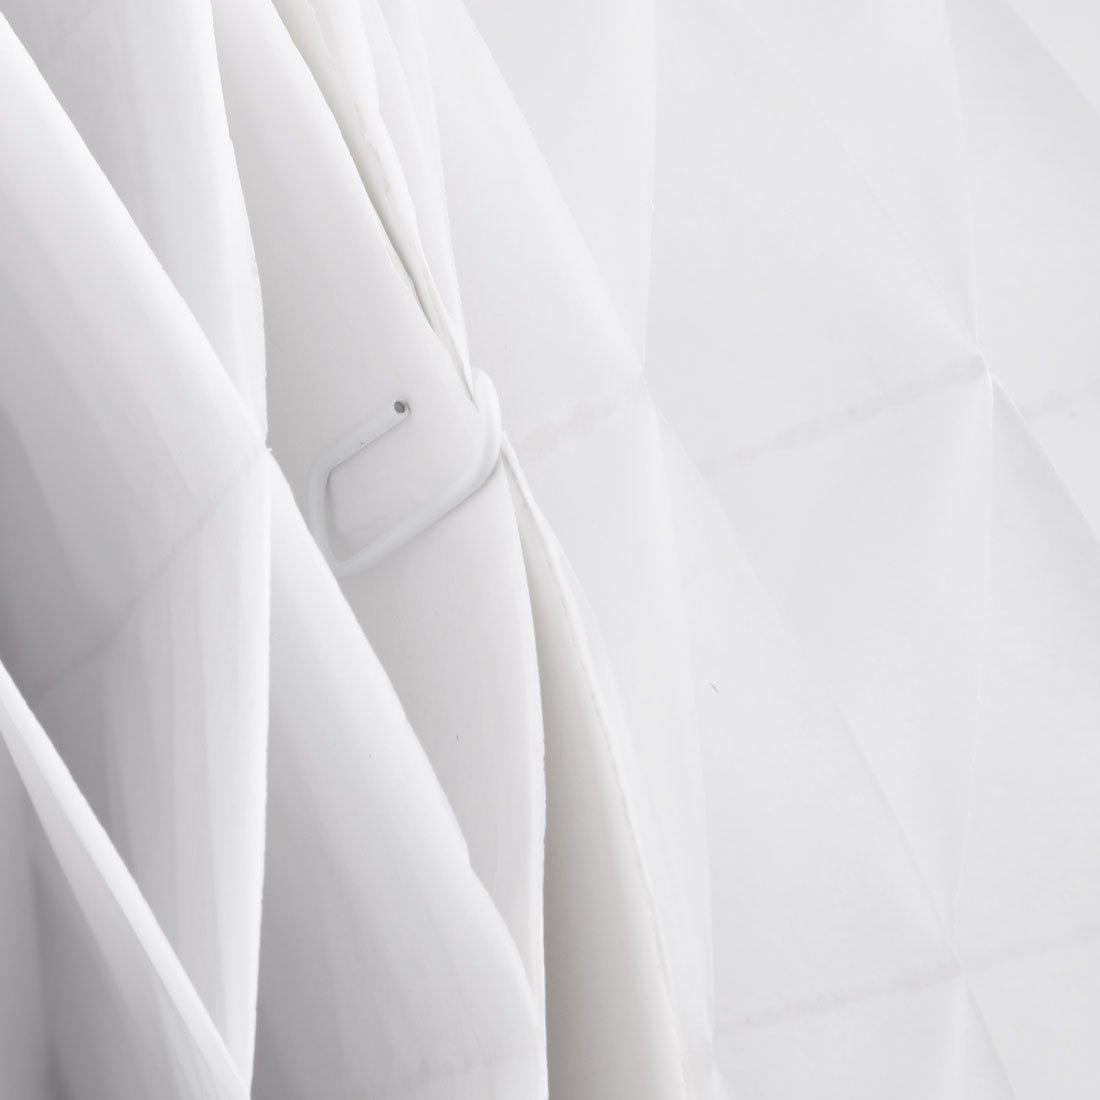 Amazon.com: eDealMax Papel plegable DIY Cadena colgante de la linterna de la lámpara de la decoración de la bola de Nido de abeja 12 pulgadas Dia Blanca: ...